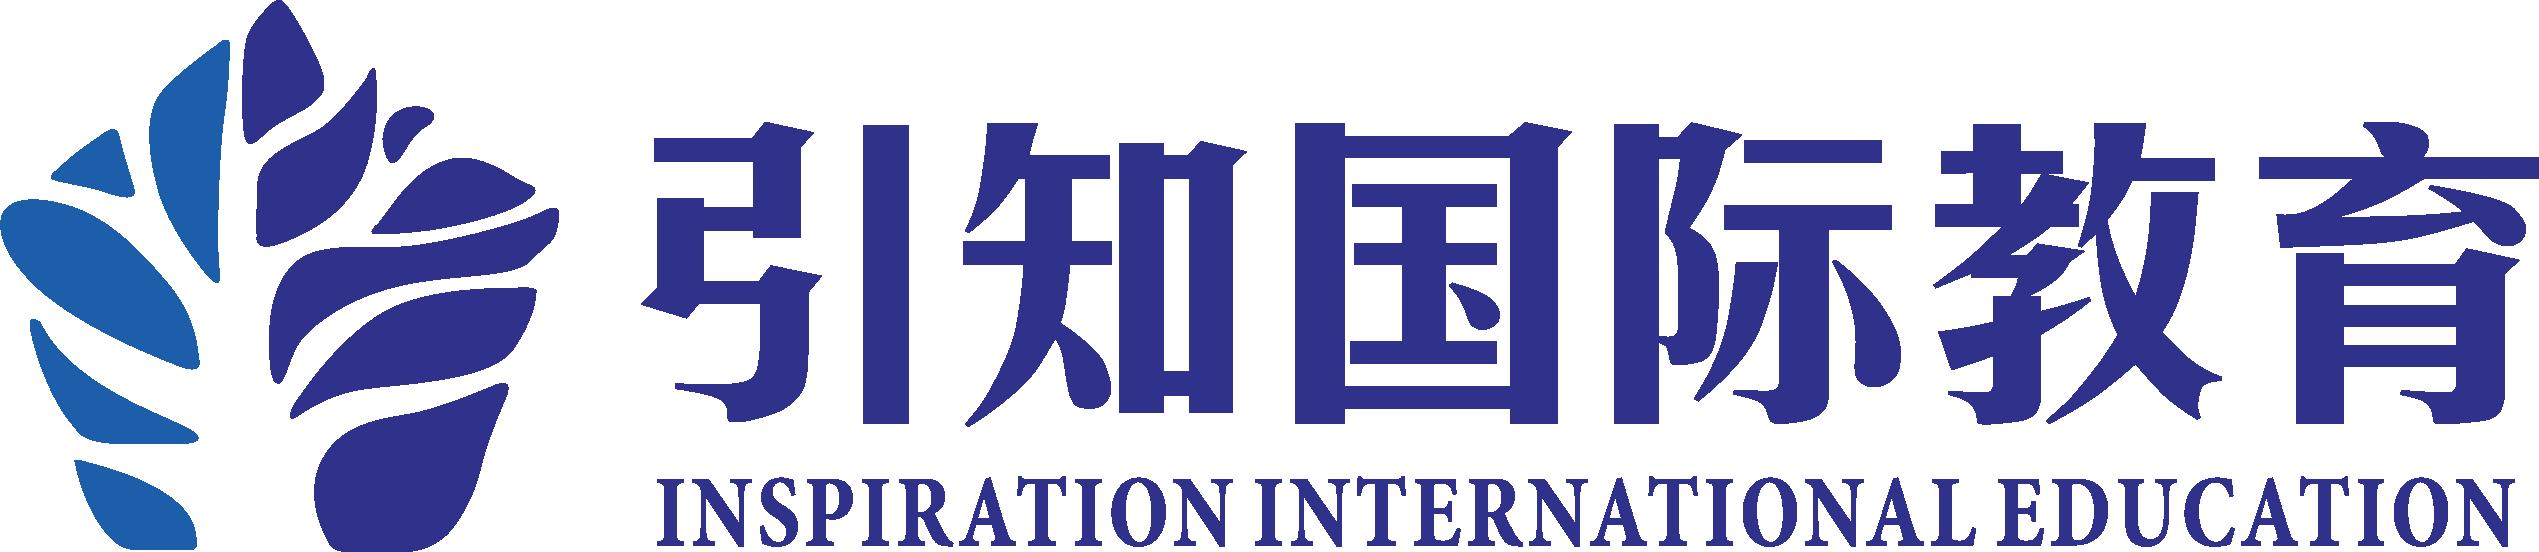 北京引知國際教育科技有限公司